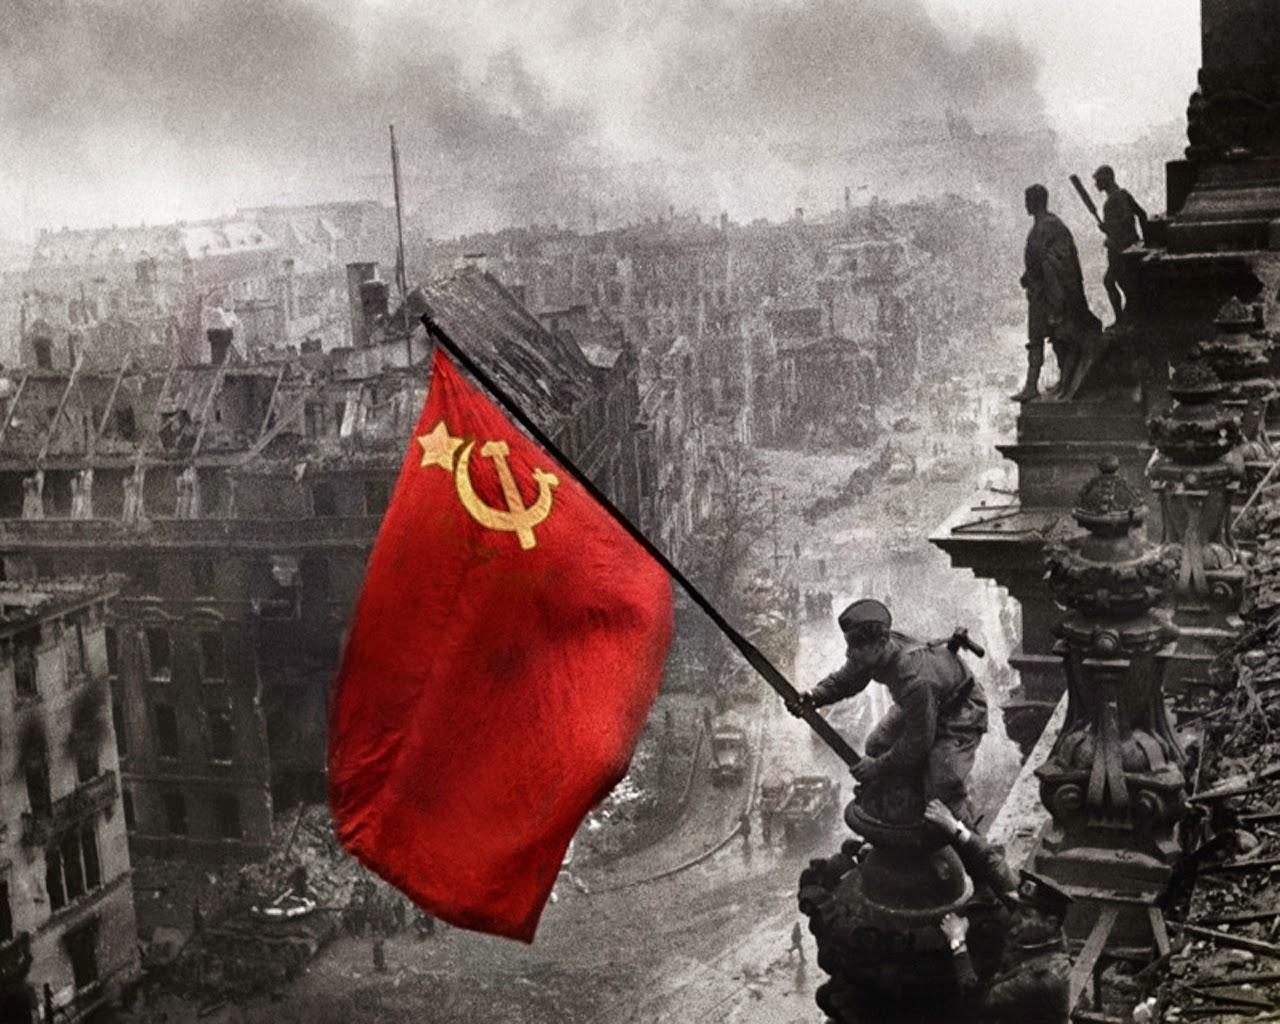 El PCOE saluda y honra la memoria de todos los millones de soviéticos que dieron su vida para limpiar Europa del fascismo asesino que la anegó en sangre. La URSS…